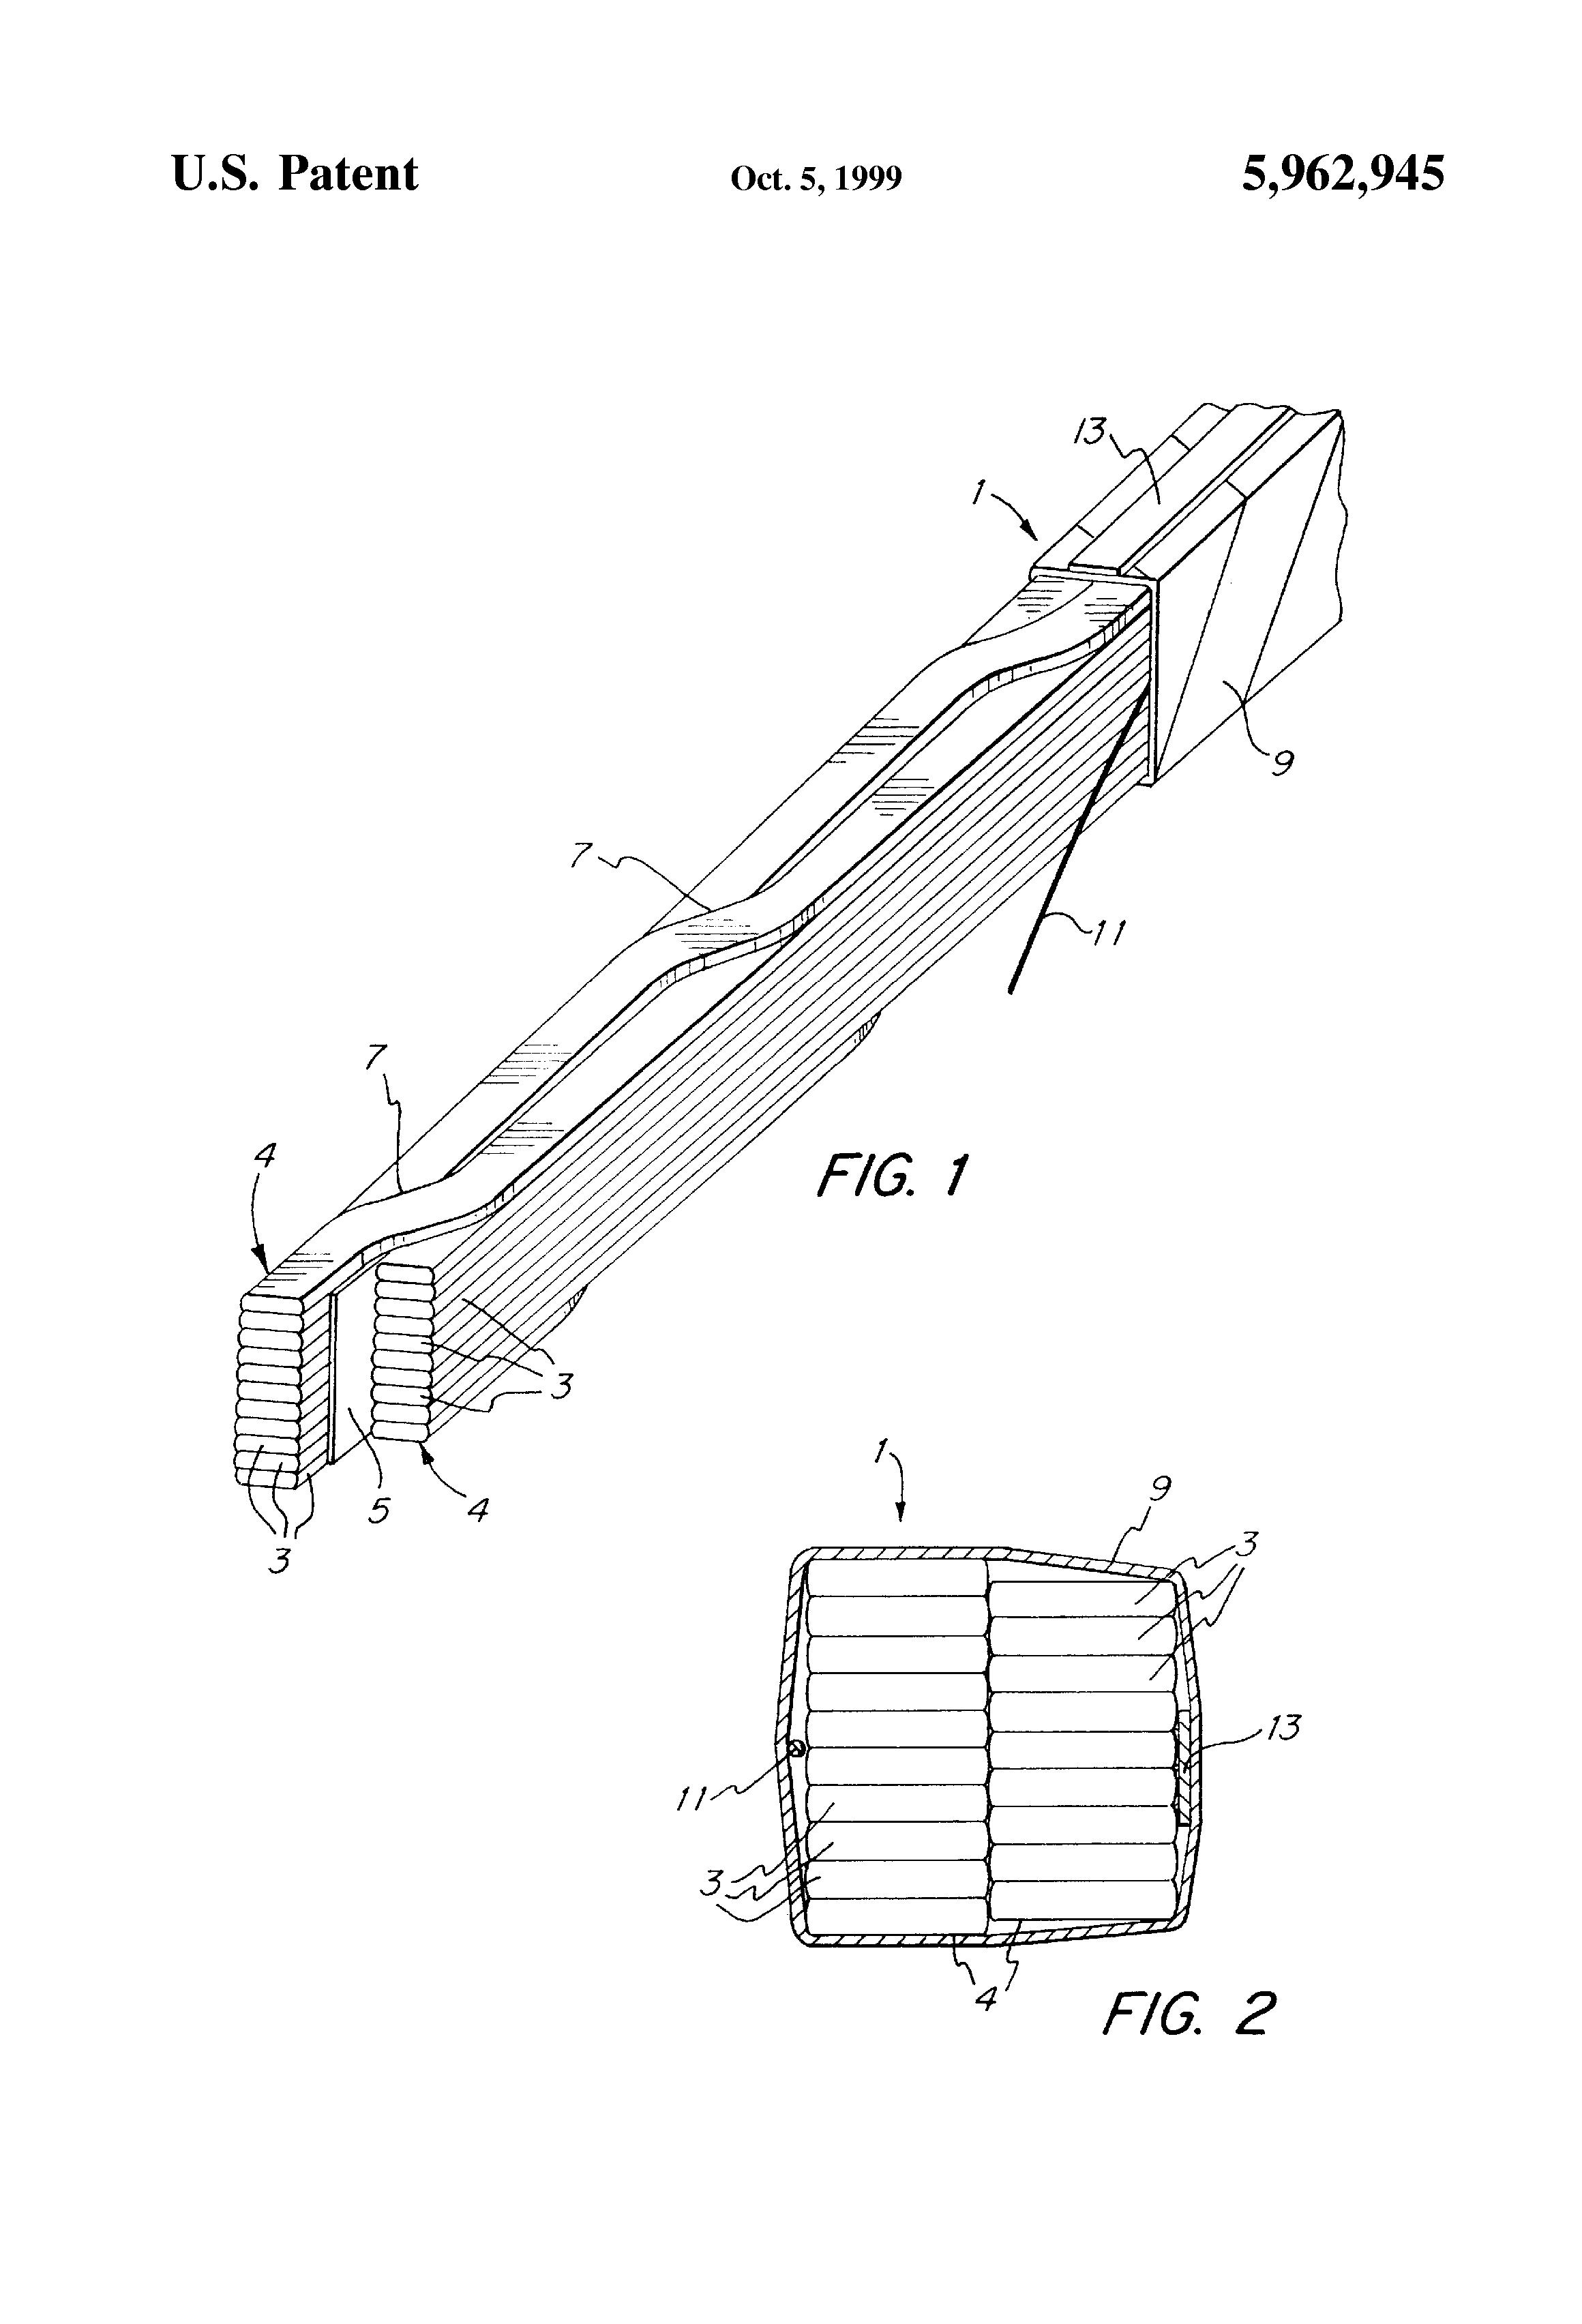 Ziemlich Elektrodraht Diagramm Bilder - Elektrische Schaltplan-Ideen ...